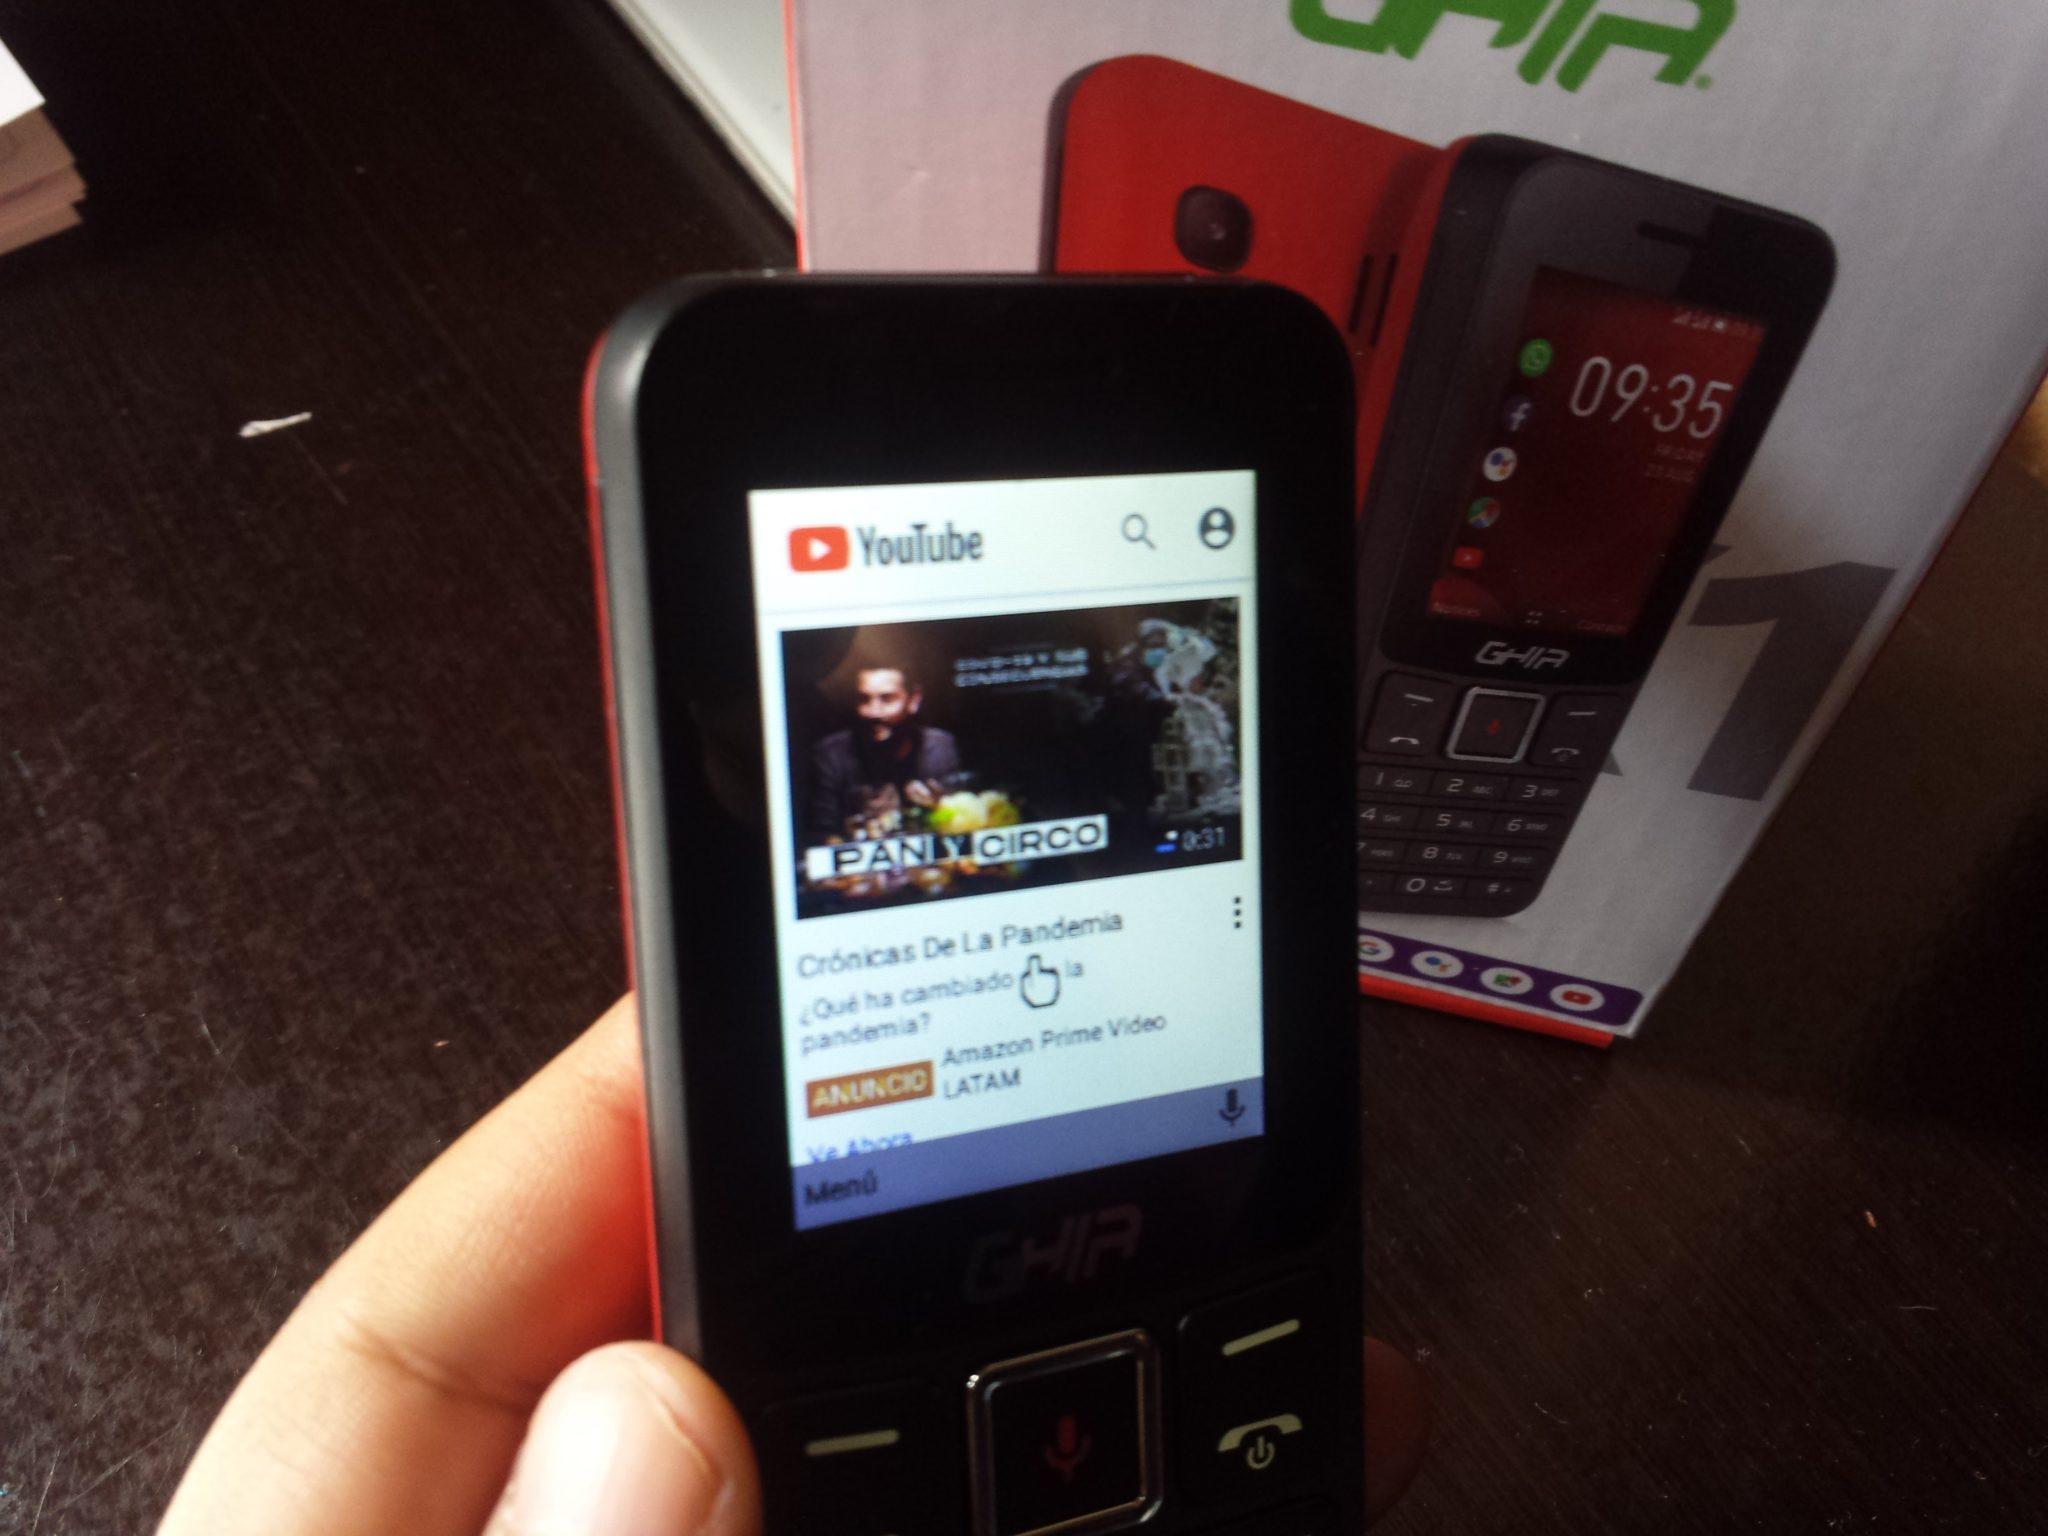 Ghia KoX1: El celular barato que tiene WhatsApp, Facebook y YouTube 2